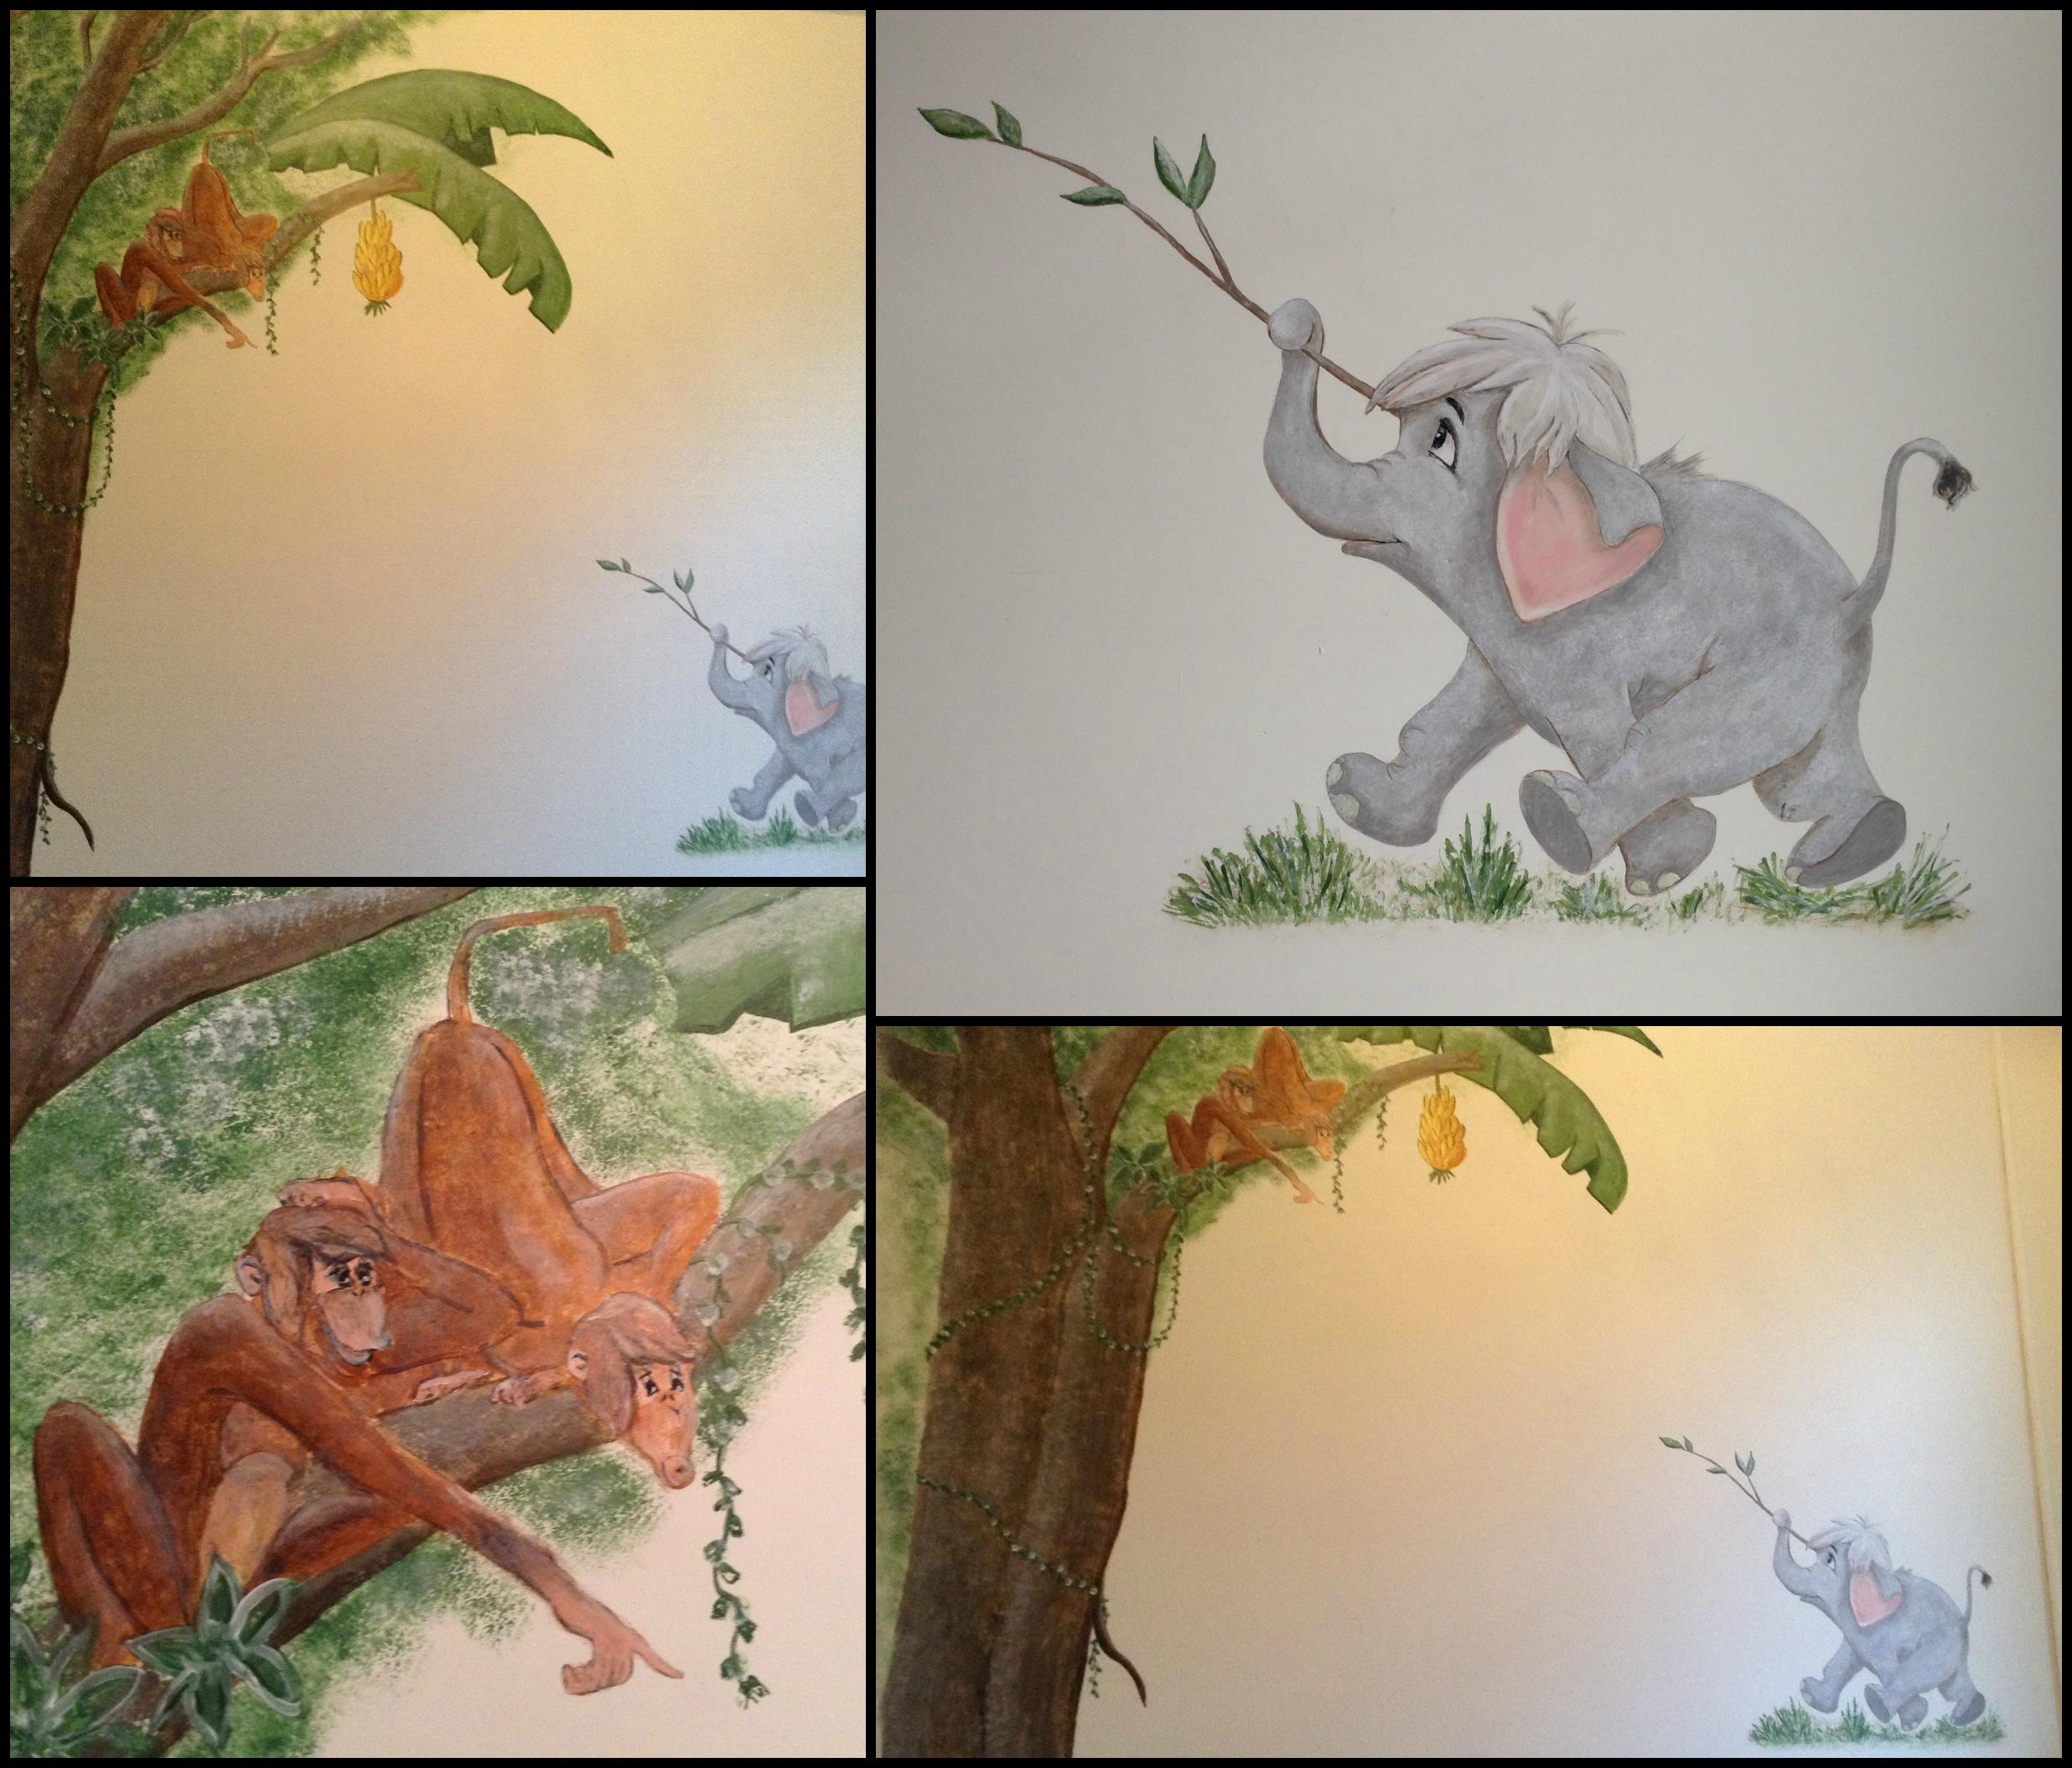 Jungle kinderkamer ontwerp - Ontwerp muurschildering ...